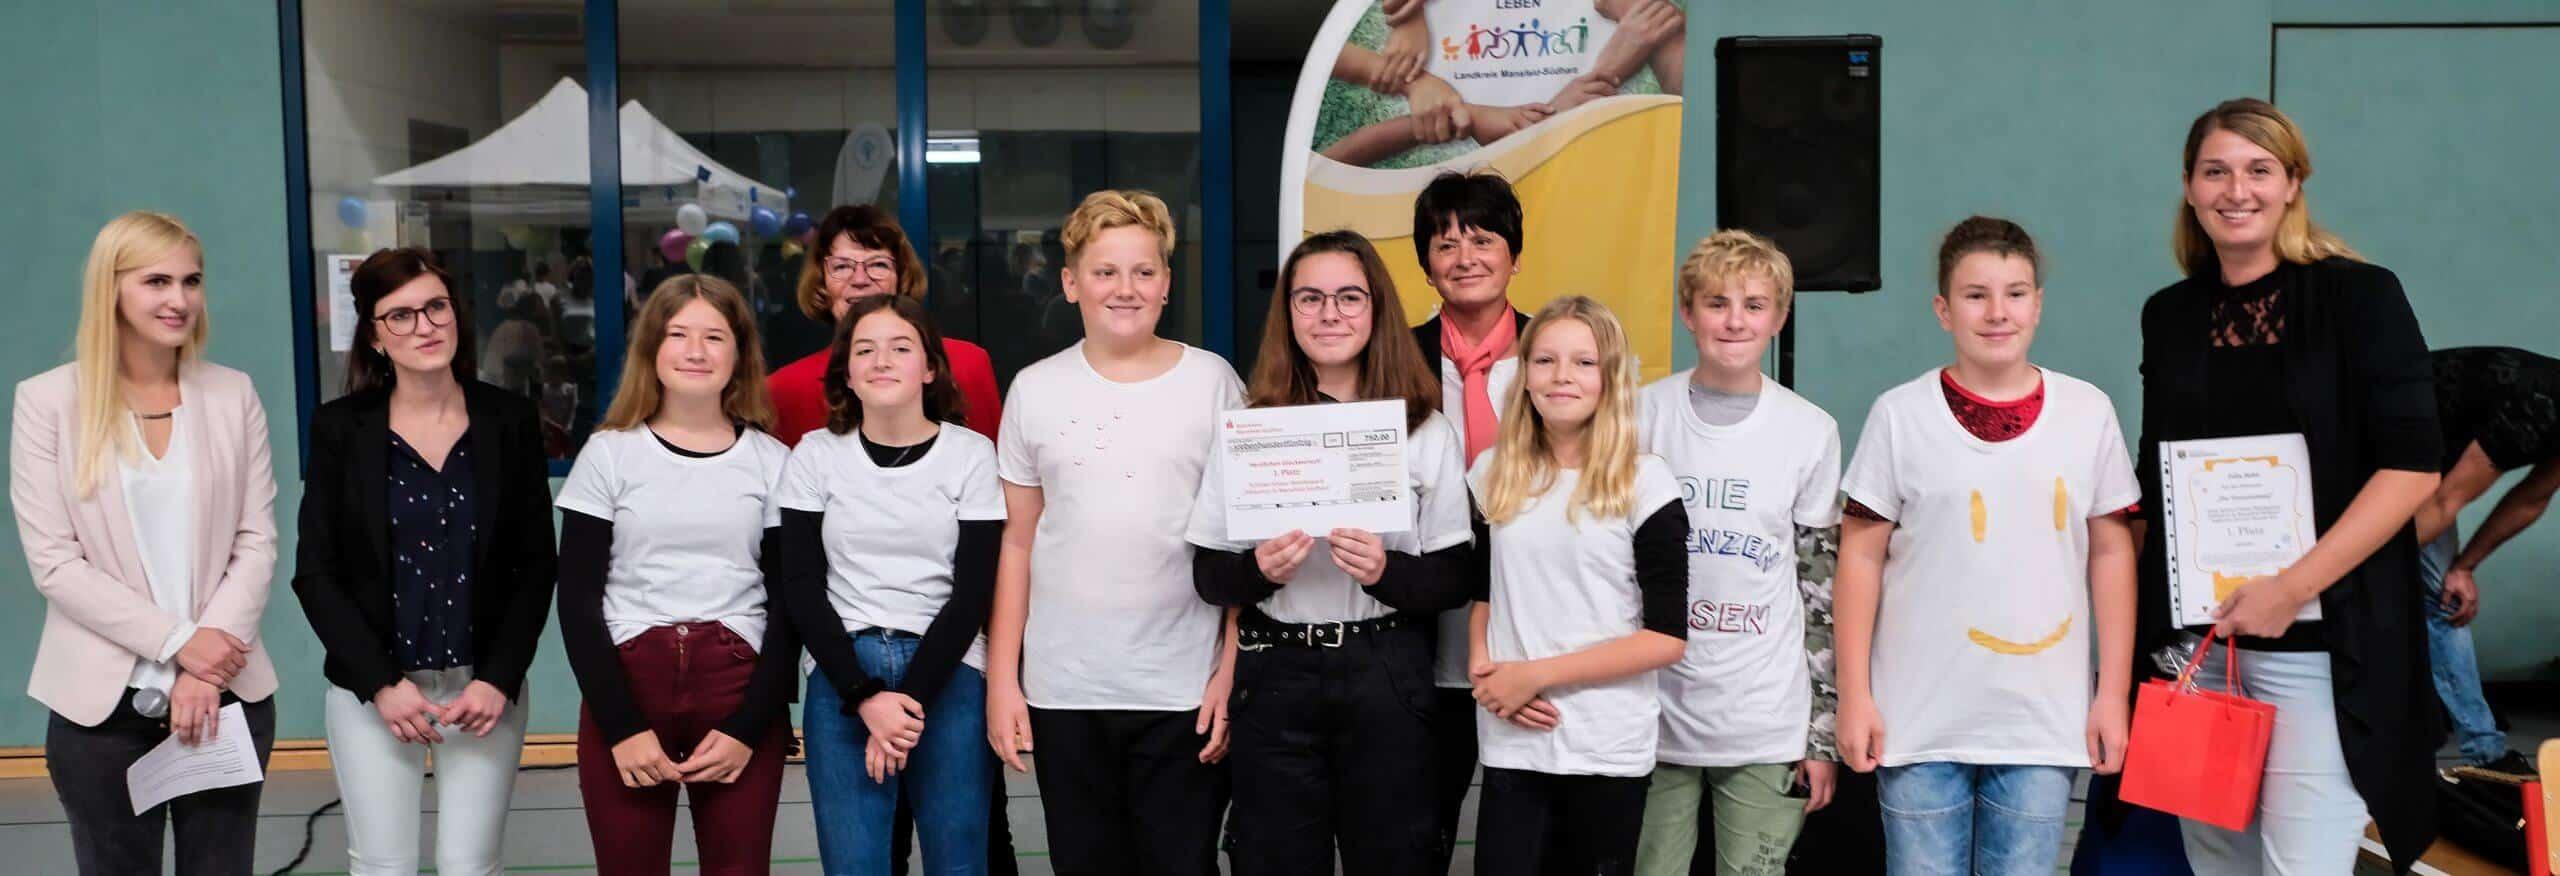 Das Projektteam vom Geschwister-Scholl-Gymnasium Sangerhausen hat den ersten Platz beim Schülervideowettbewerb belegt.